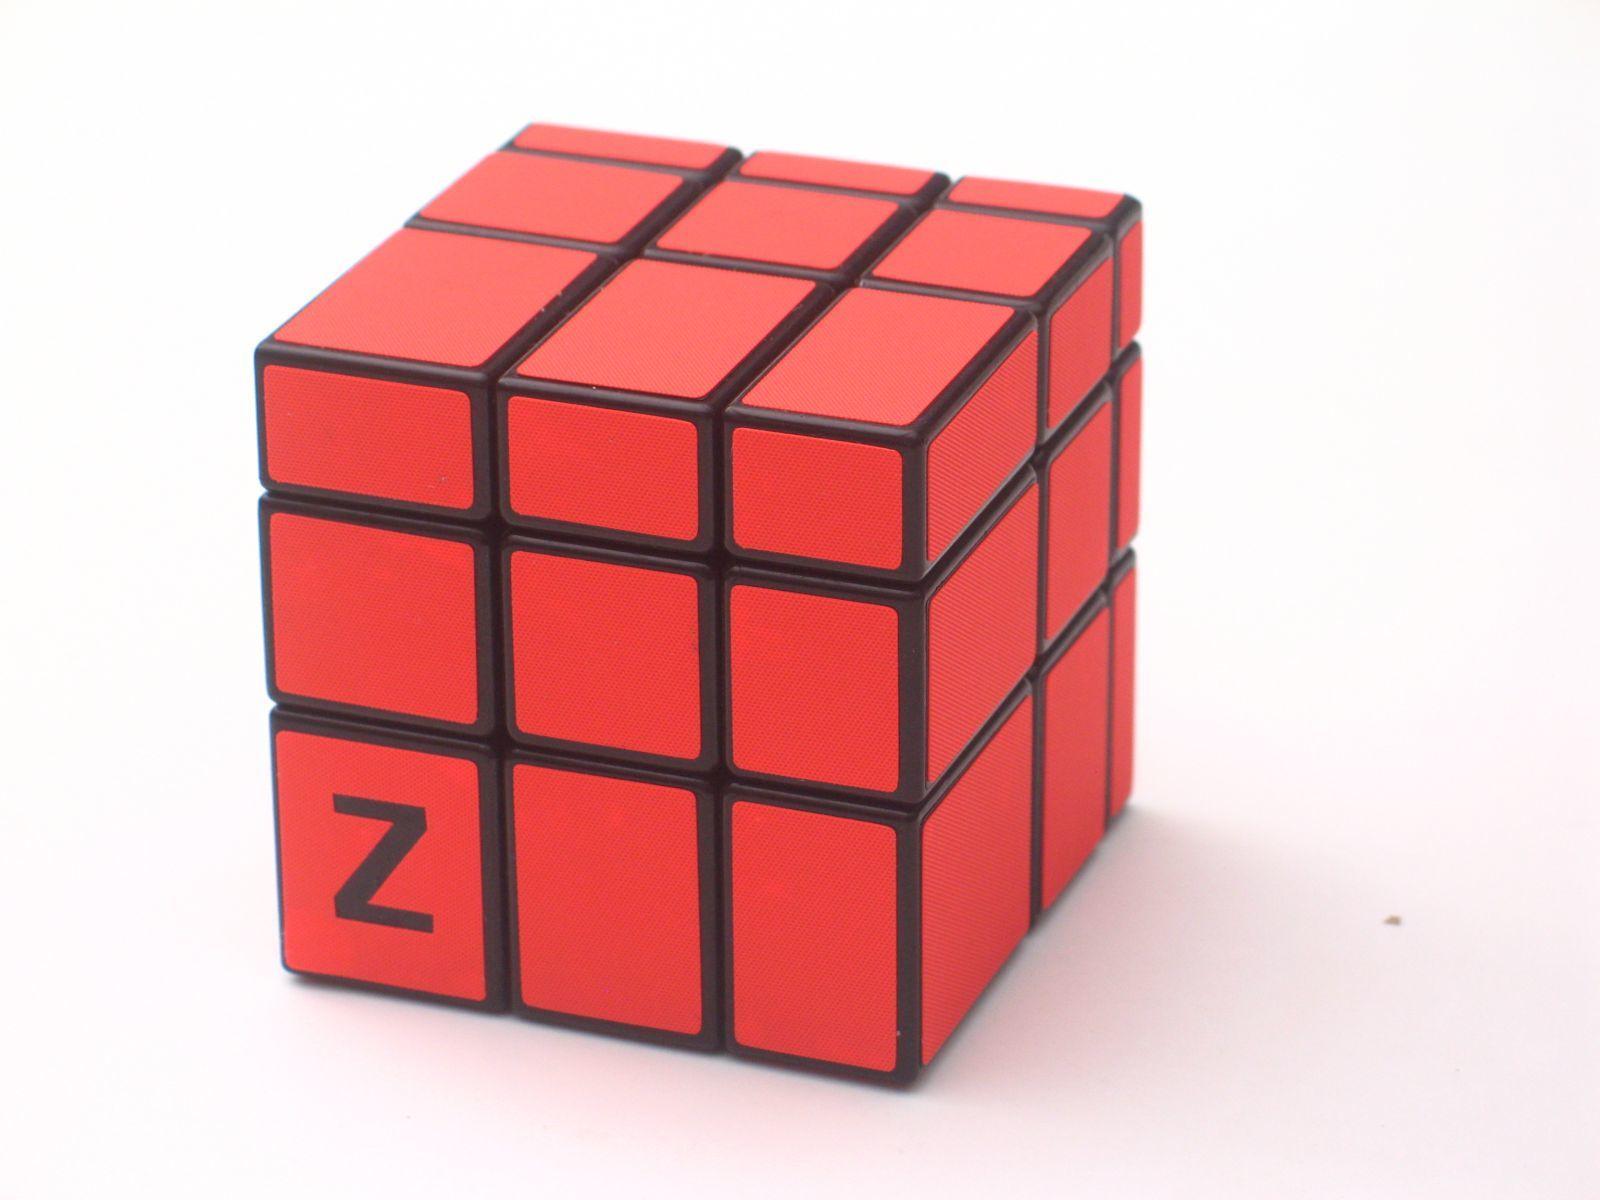 Z-Cube 3x3x3 Зеркальный куб Красный